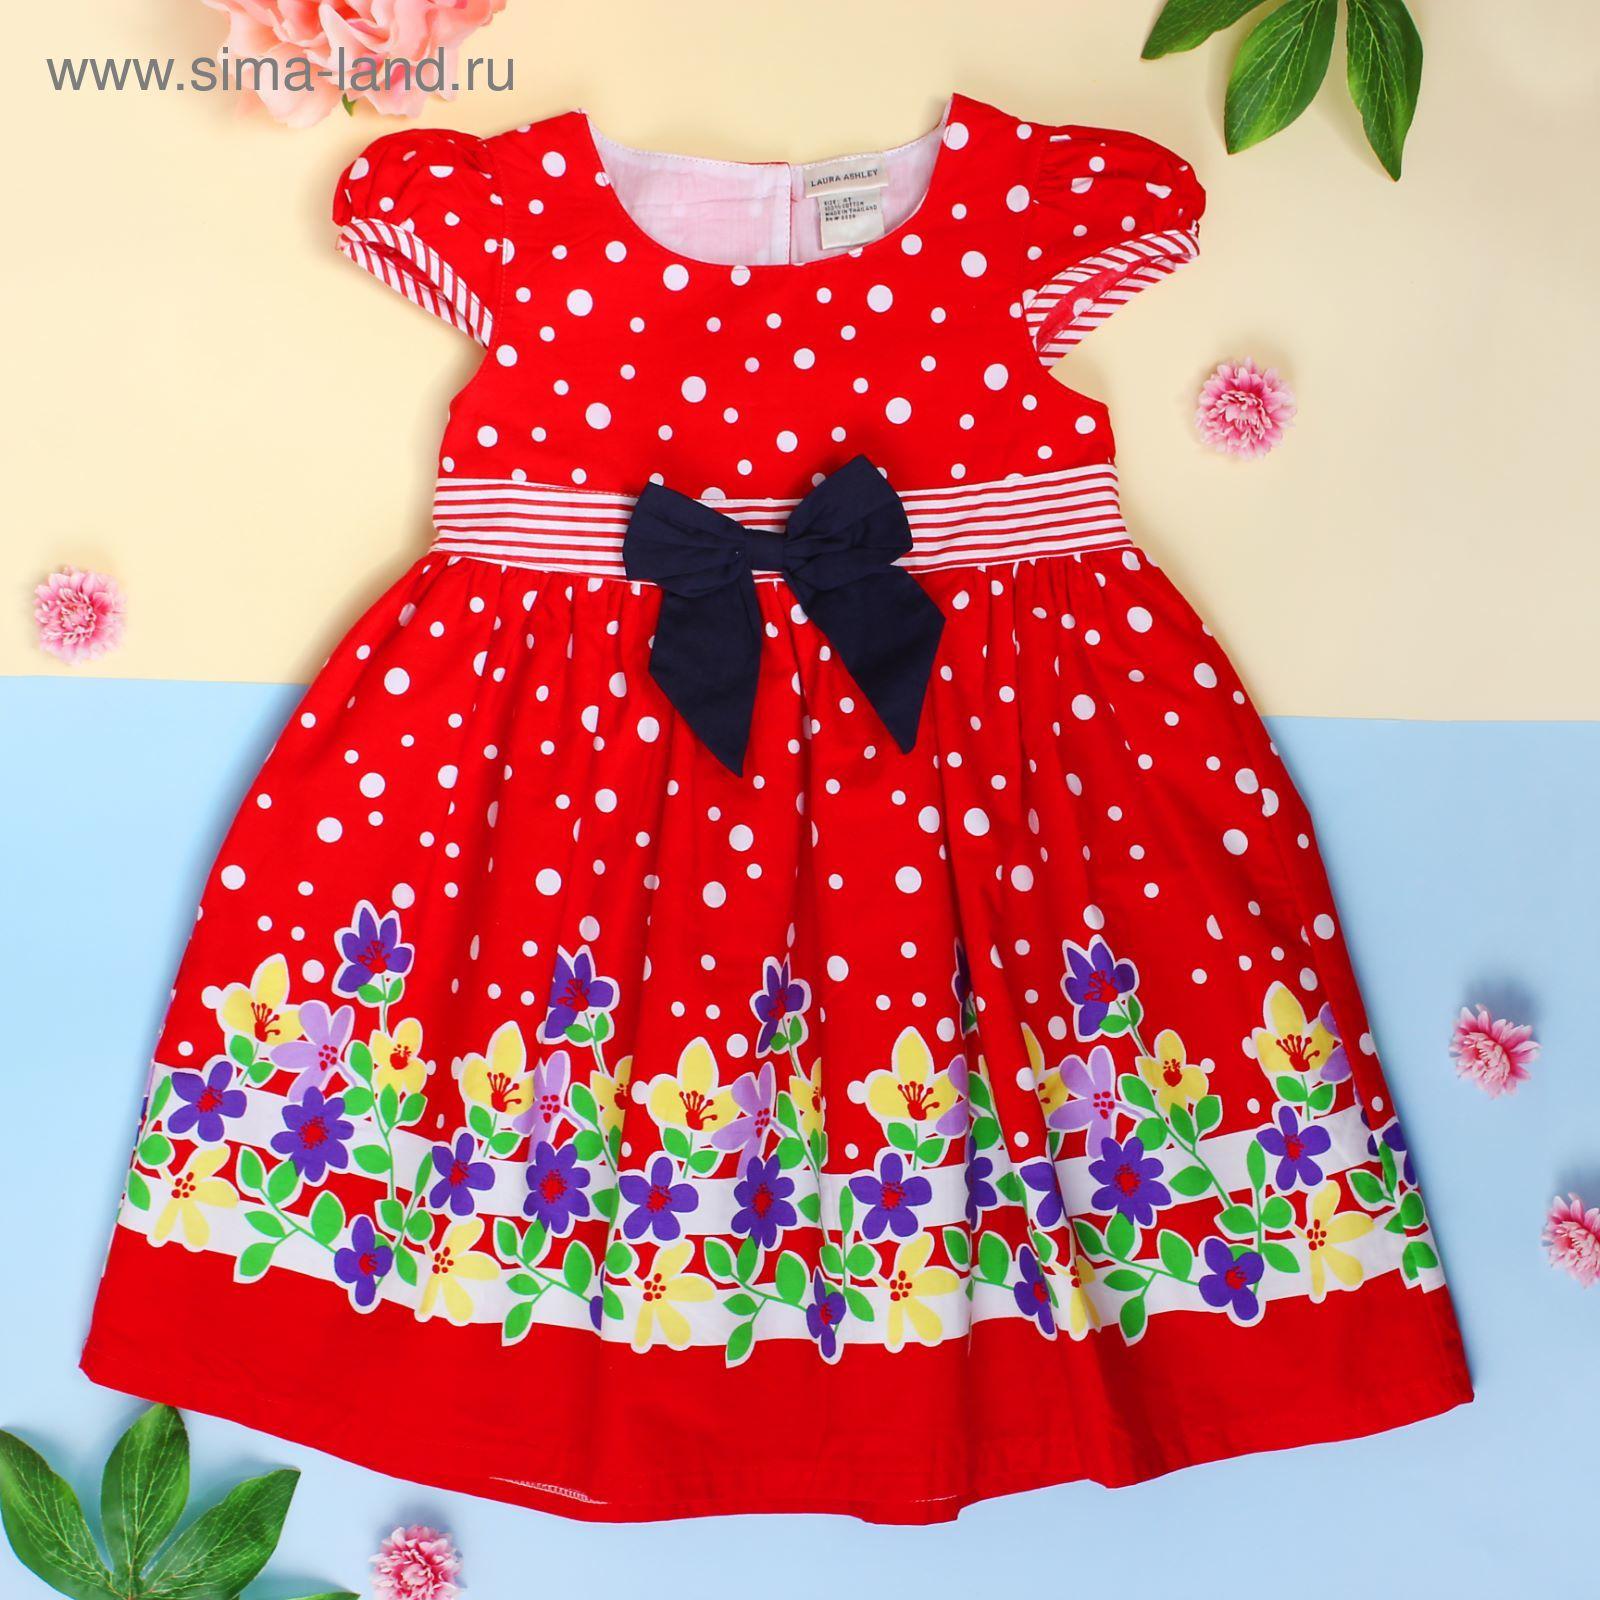 de7d332299d Платье нарядное для девочки